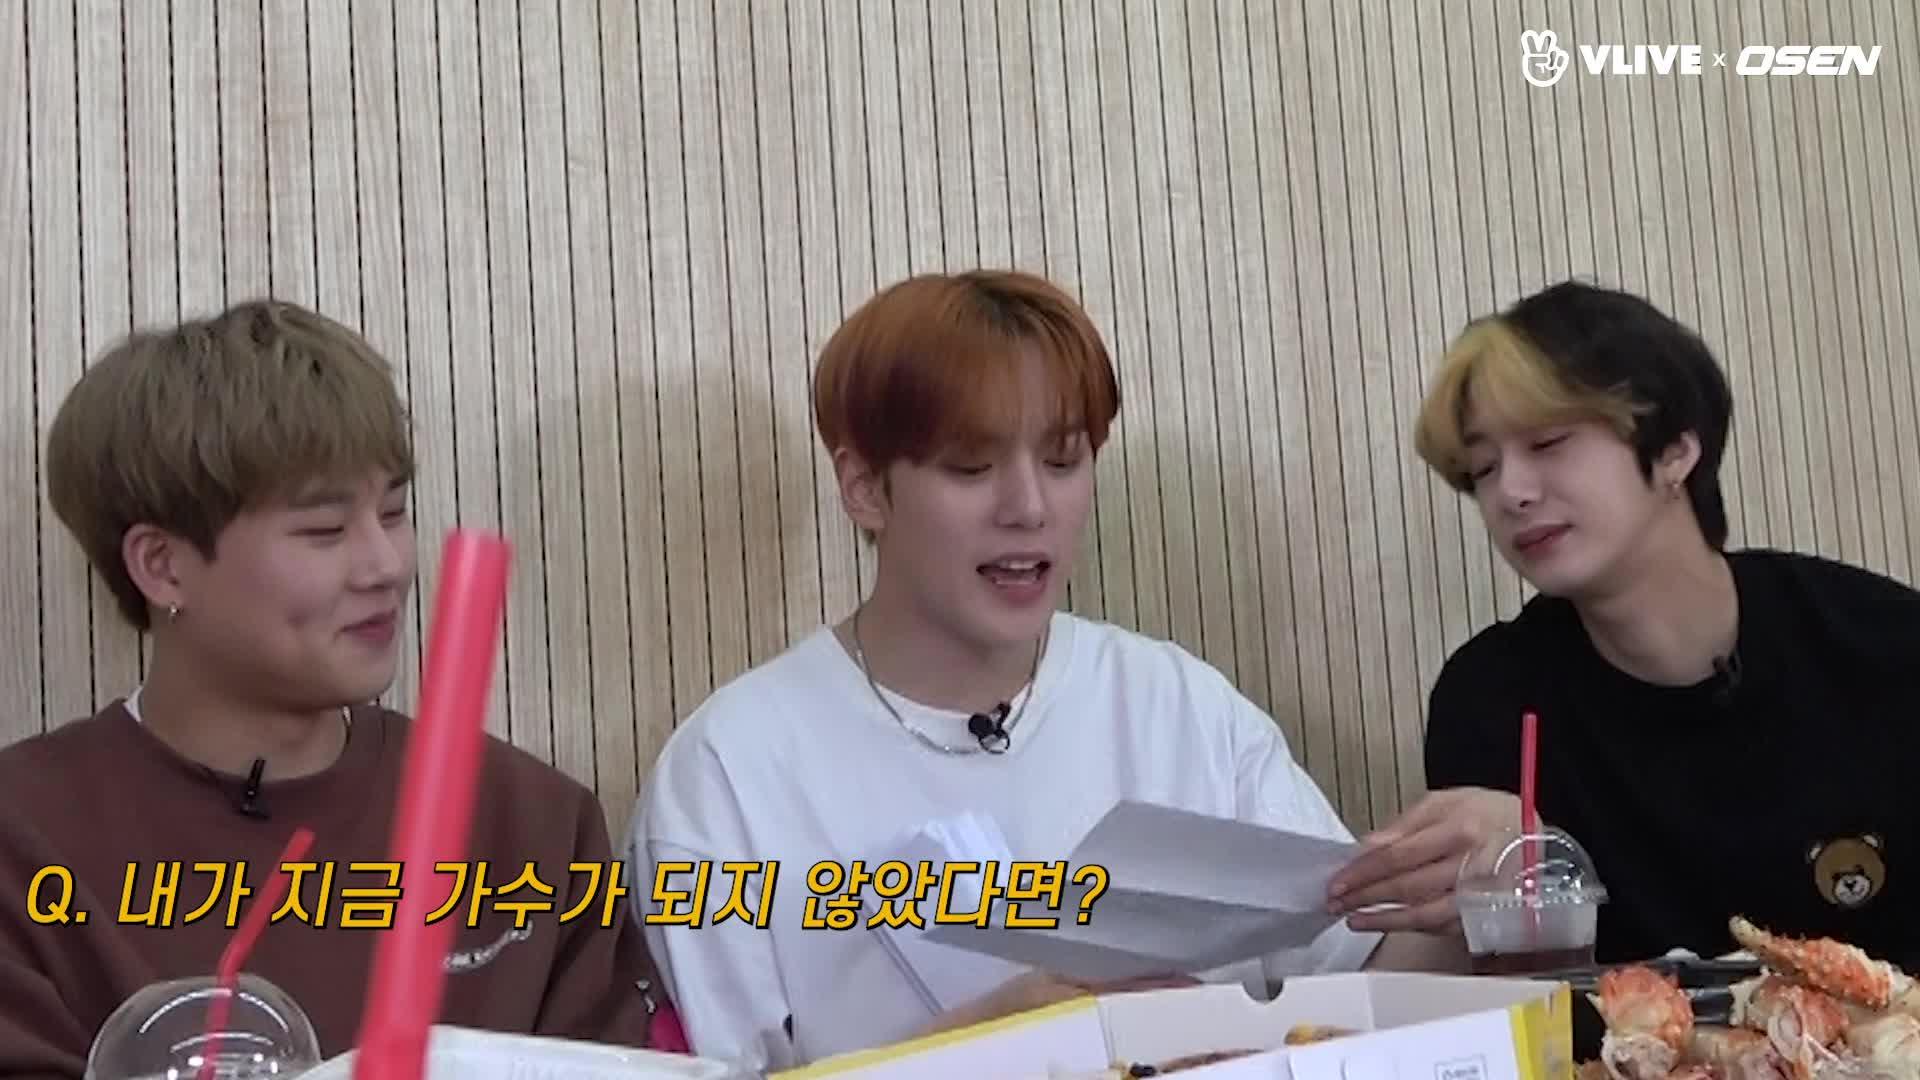 MONSTA X 몬스타엑스, 토크하며 멤버들 놀리기 #스타로드 11